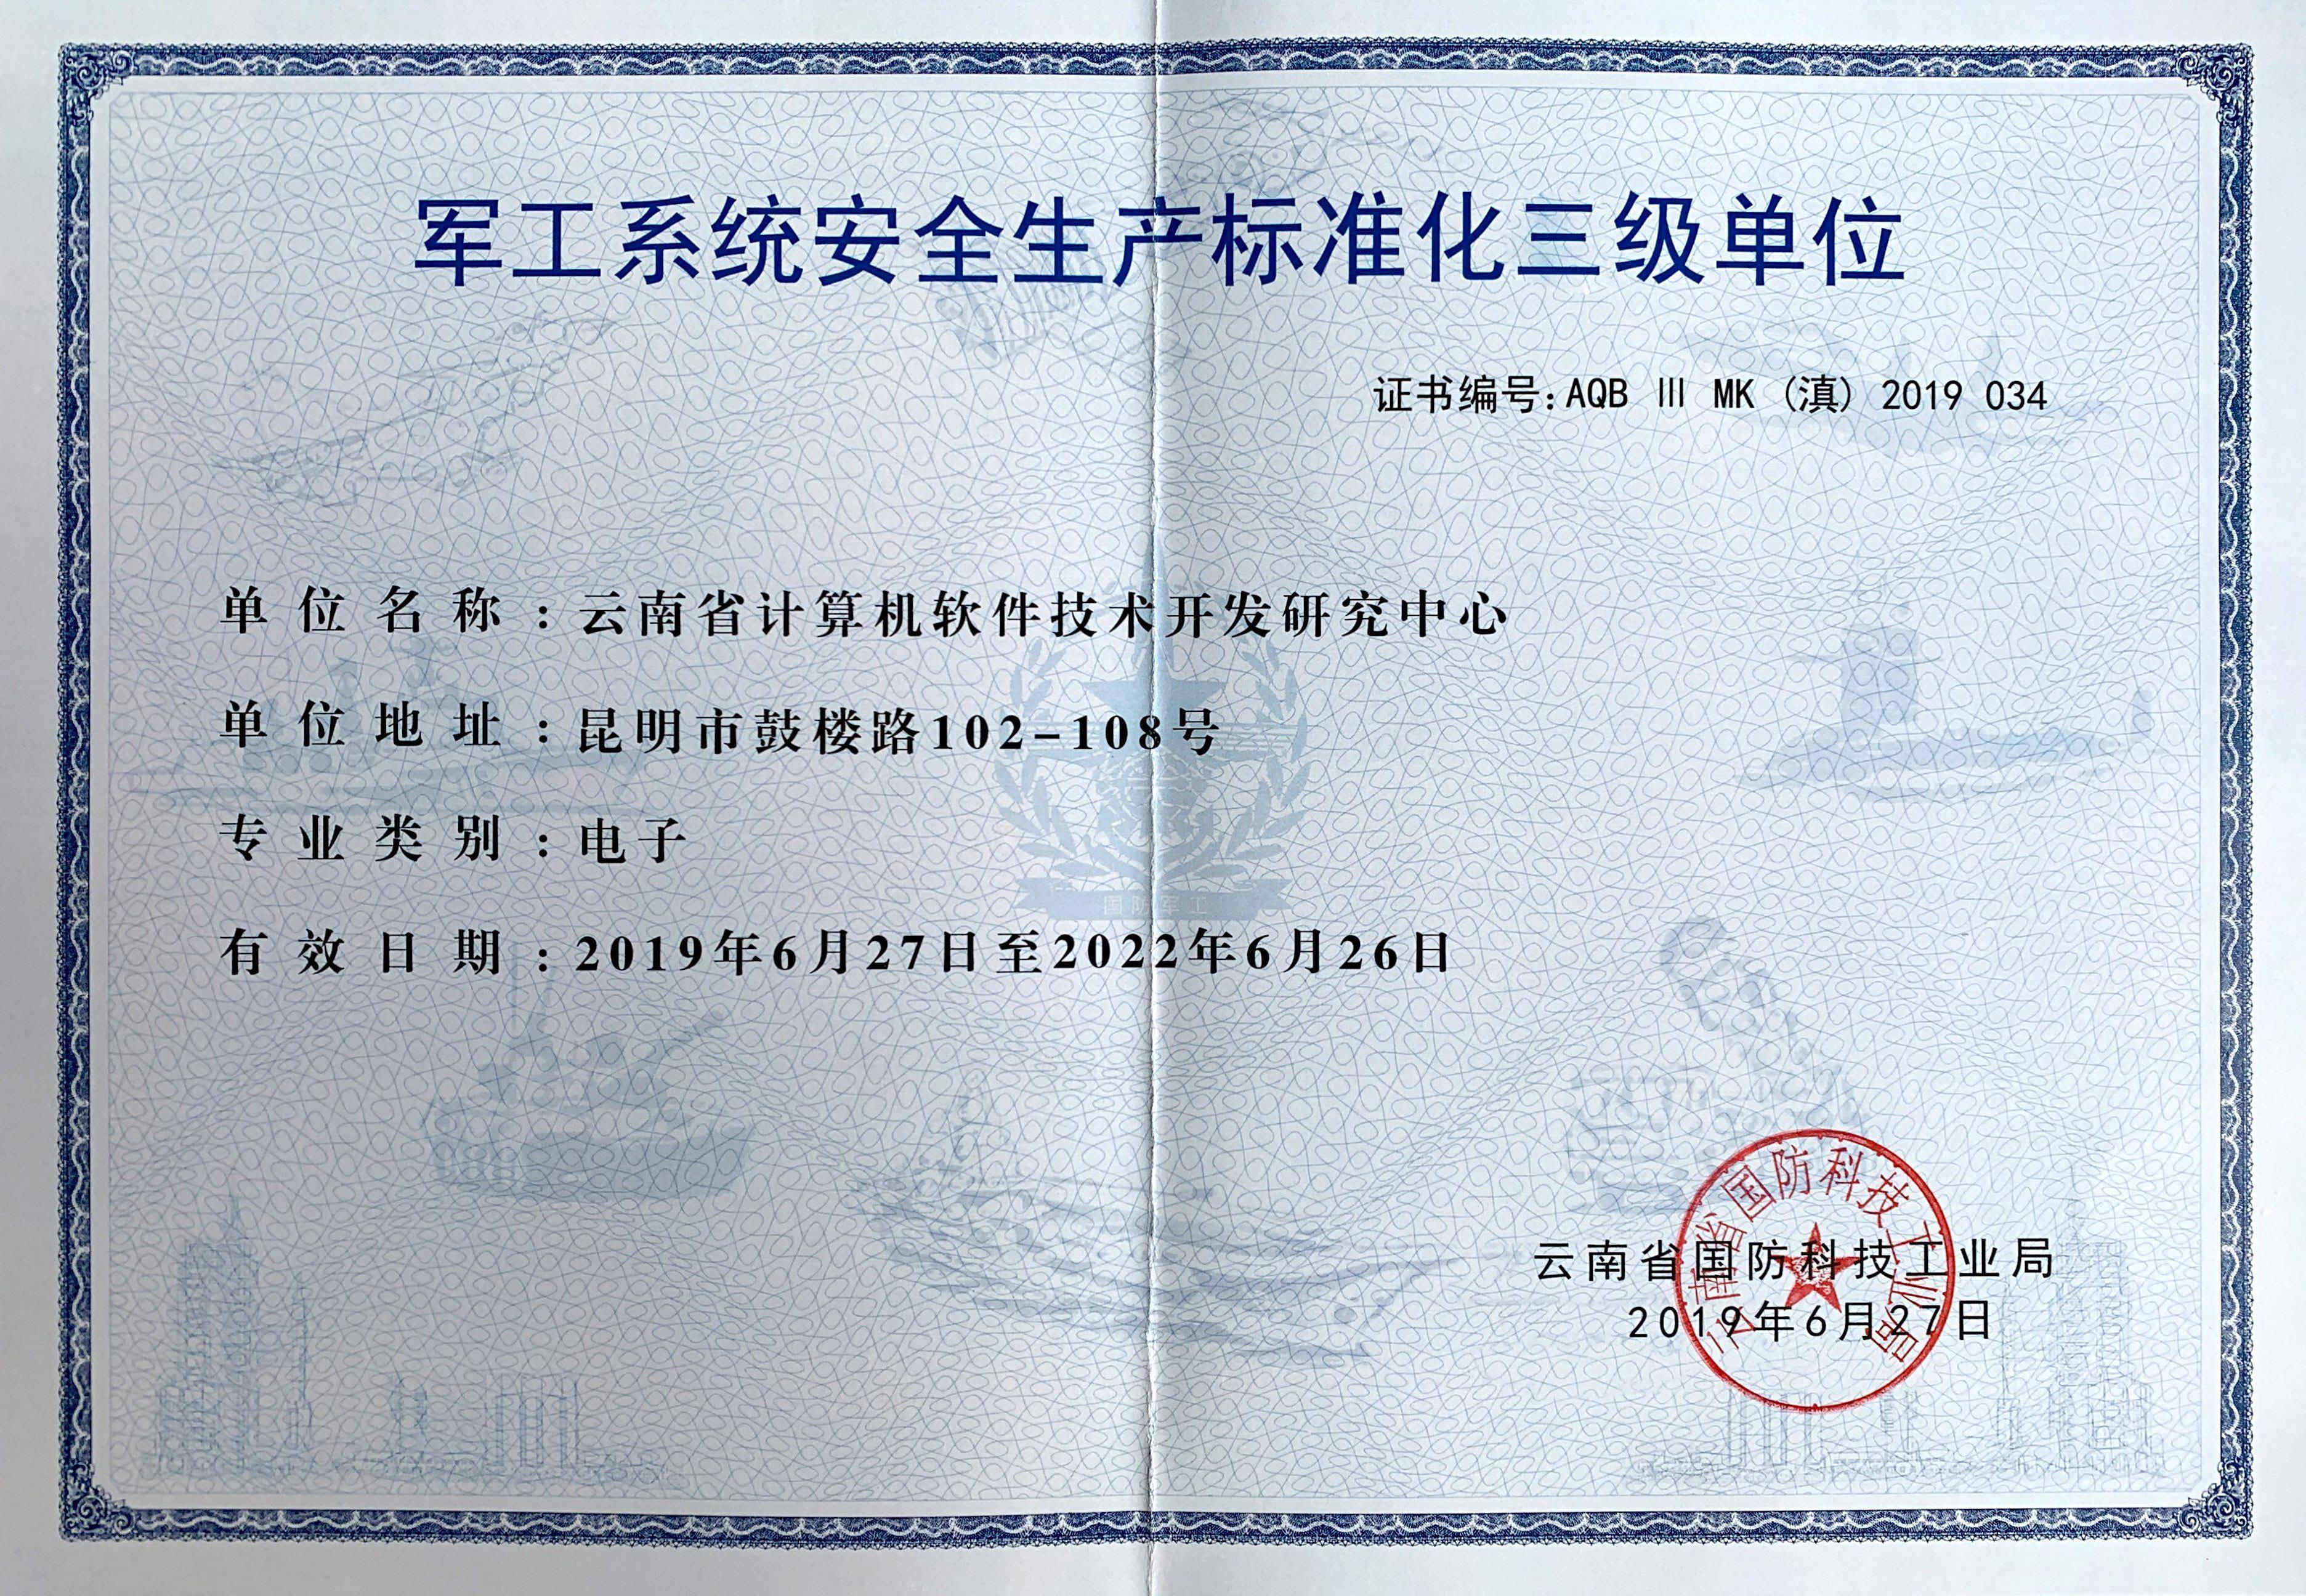 6、军工系统安全生产标准化三级单位